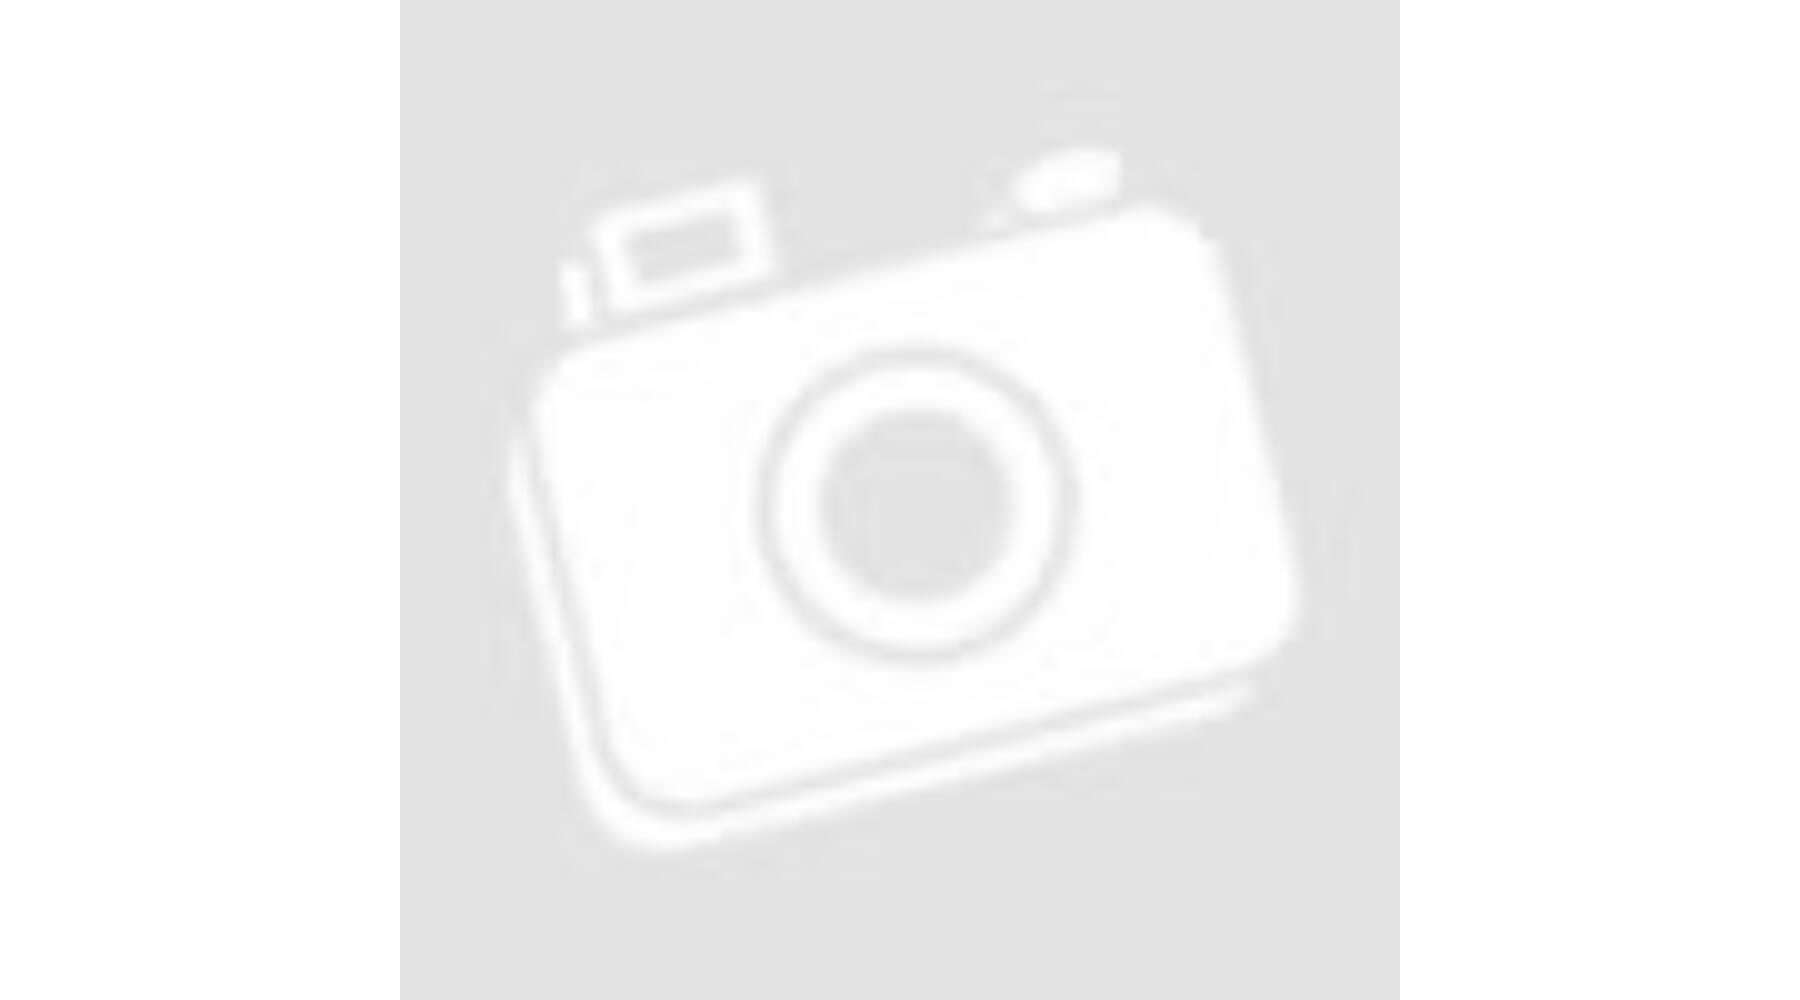 női sportfelső strech anyagbol hosszu ujjú raglán kényelmes viselet  edzéshez 1393bd1072